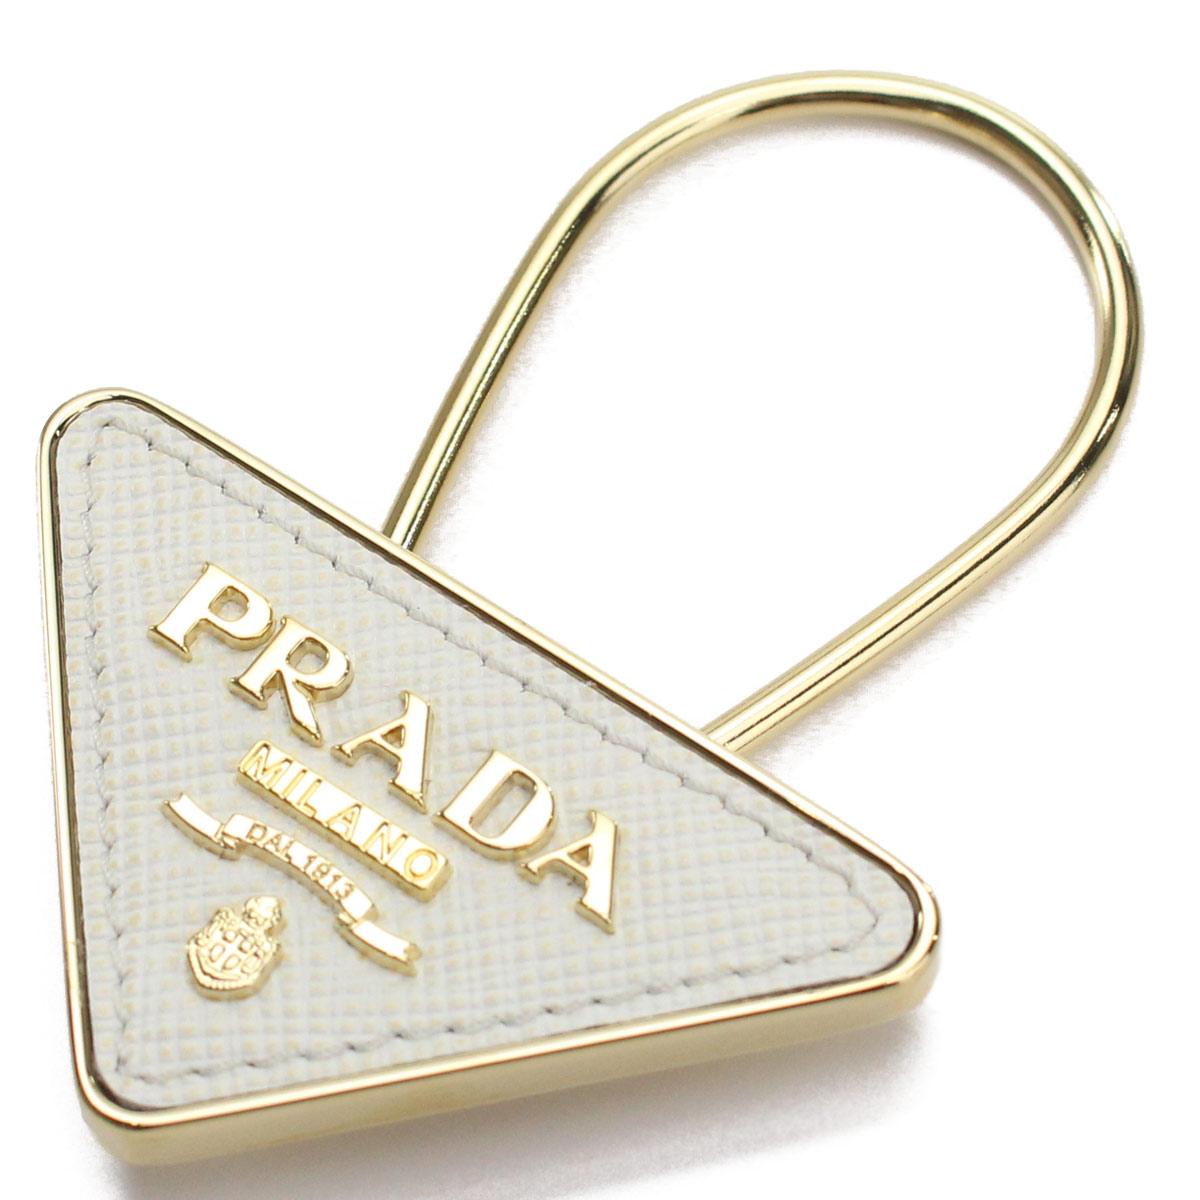 プラダ PRADA サフィアーノ 三角ロゴプレート キーリング 1PP301 053 F0009 BIANCO ホワイト系